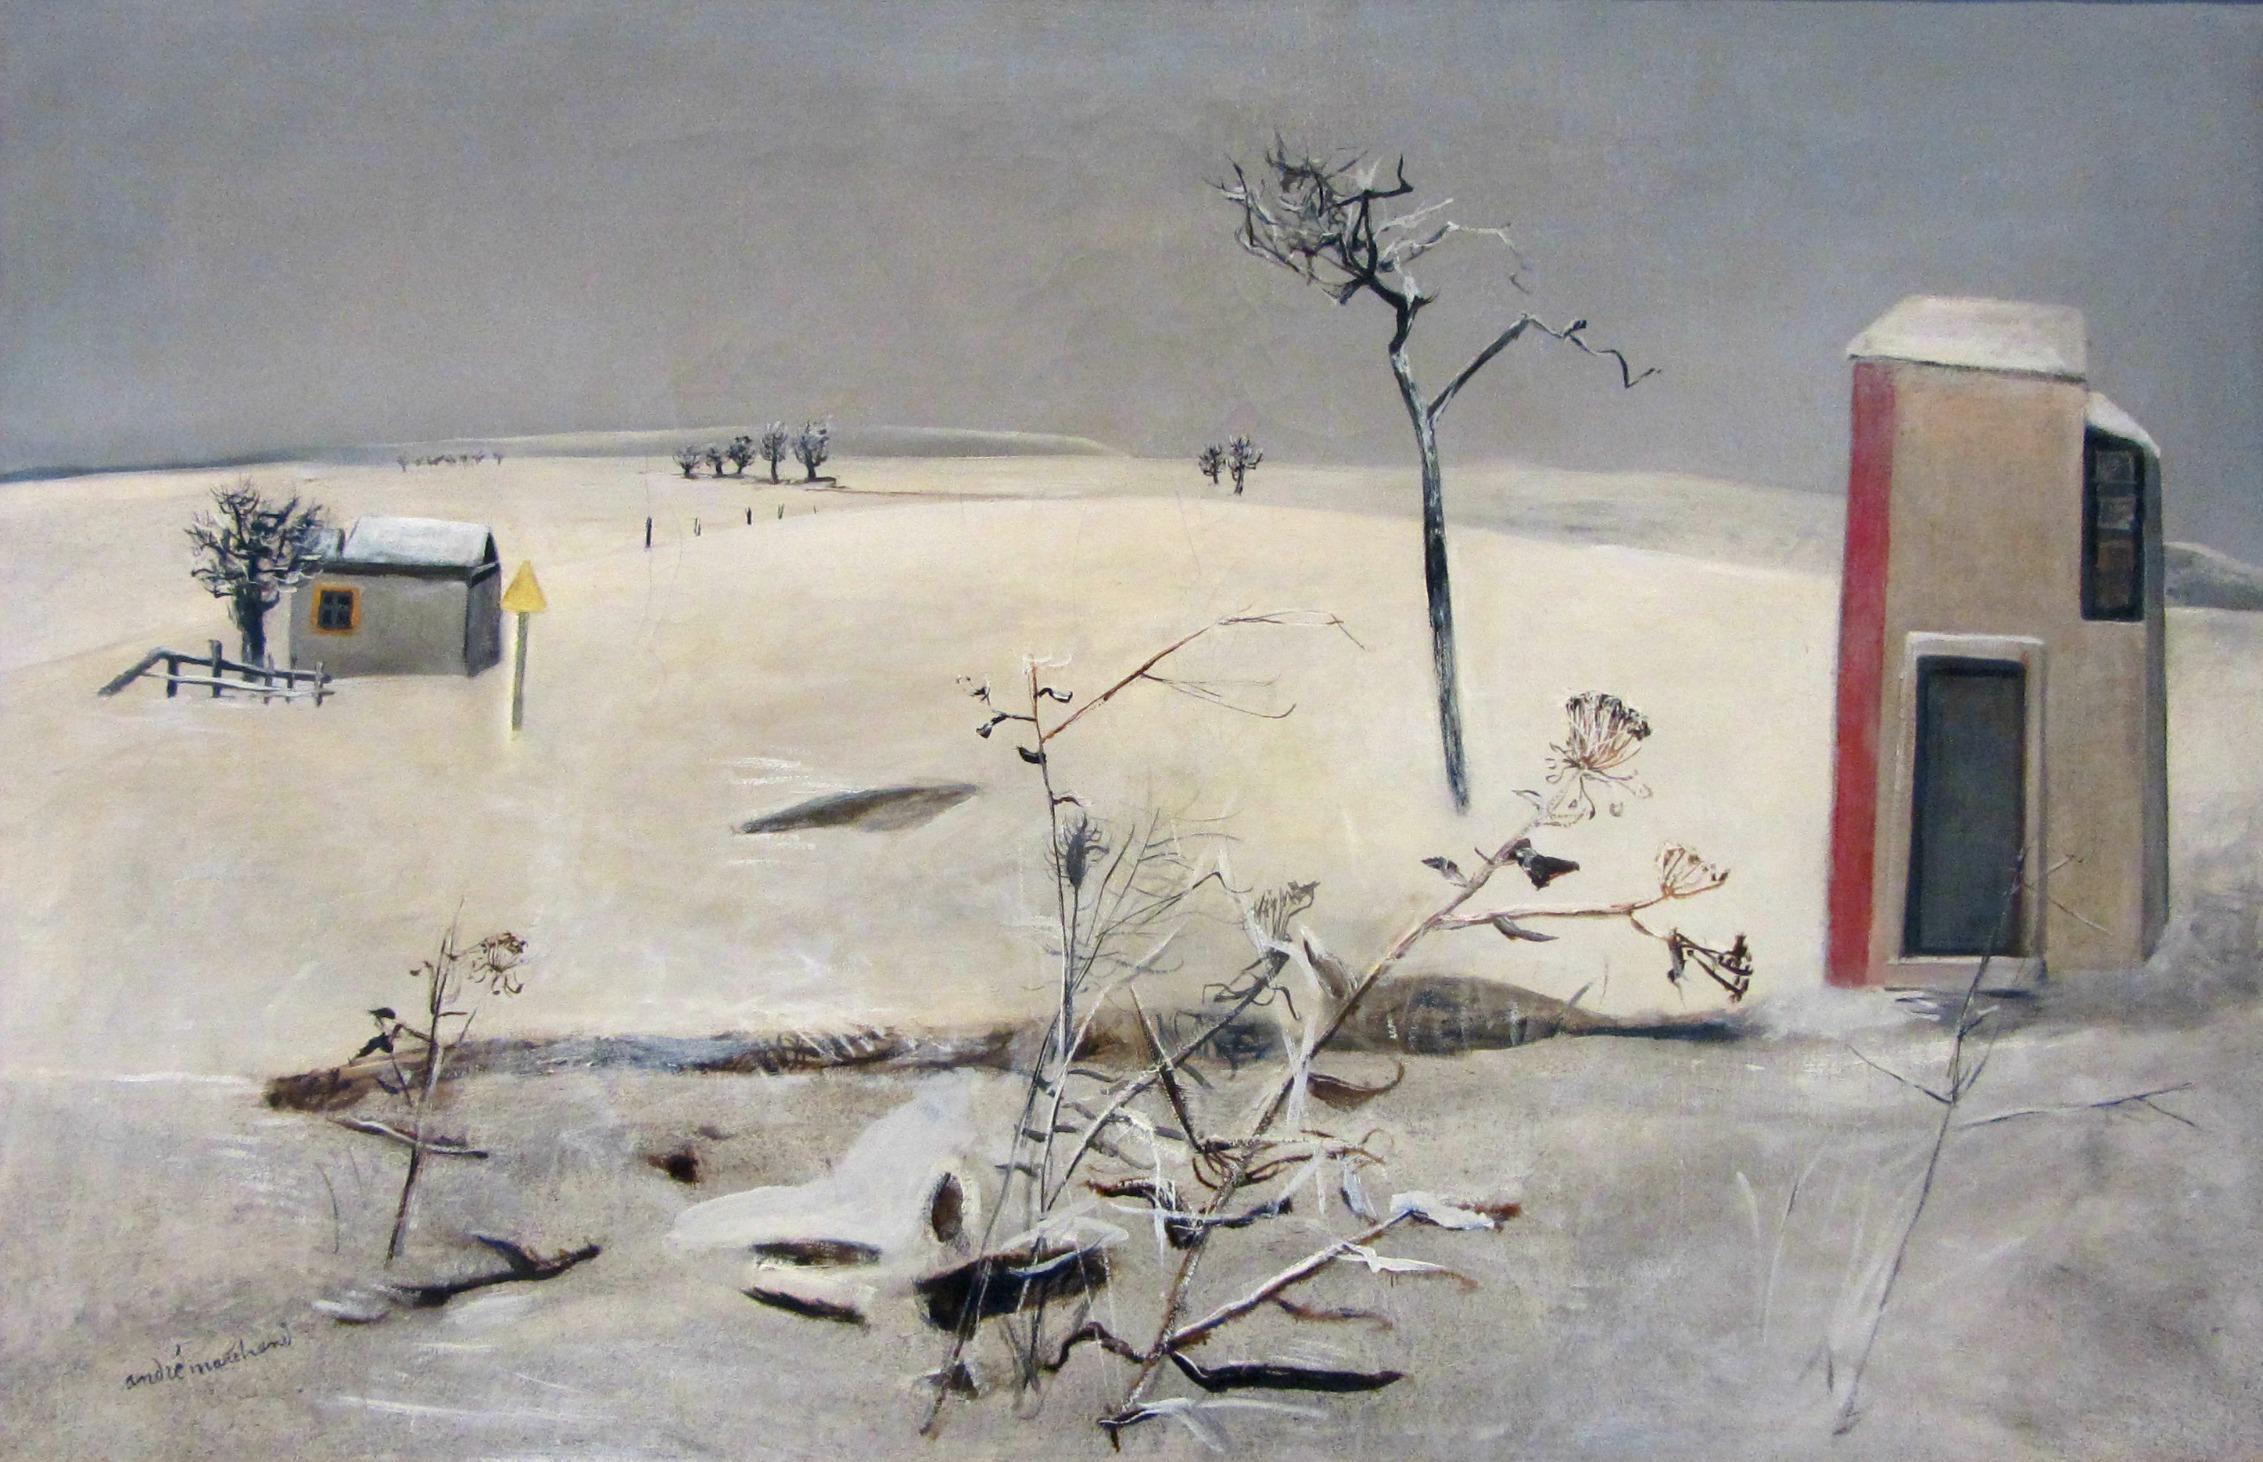 André Marchand, 1907-1997, Paysage de neige, 1940, musée des Beaux-Arts de Nancy 8415754243